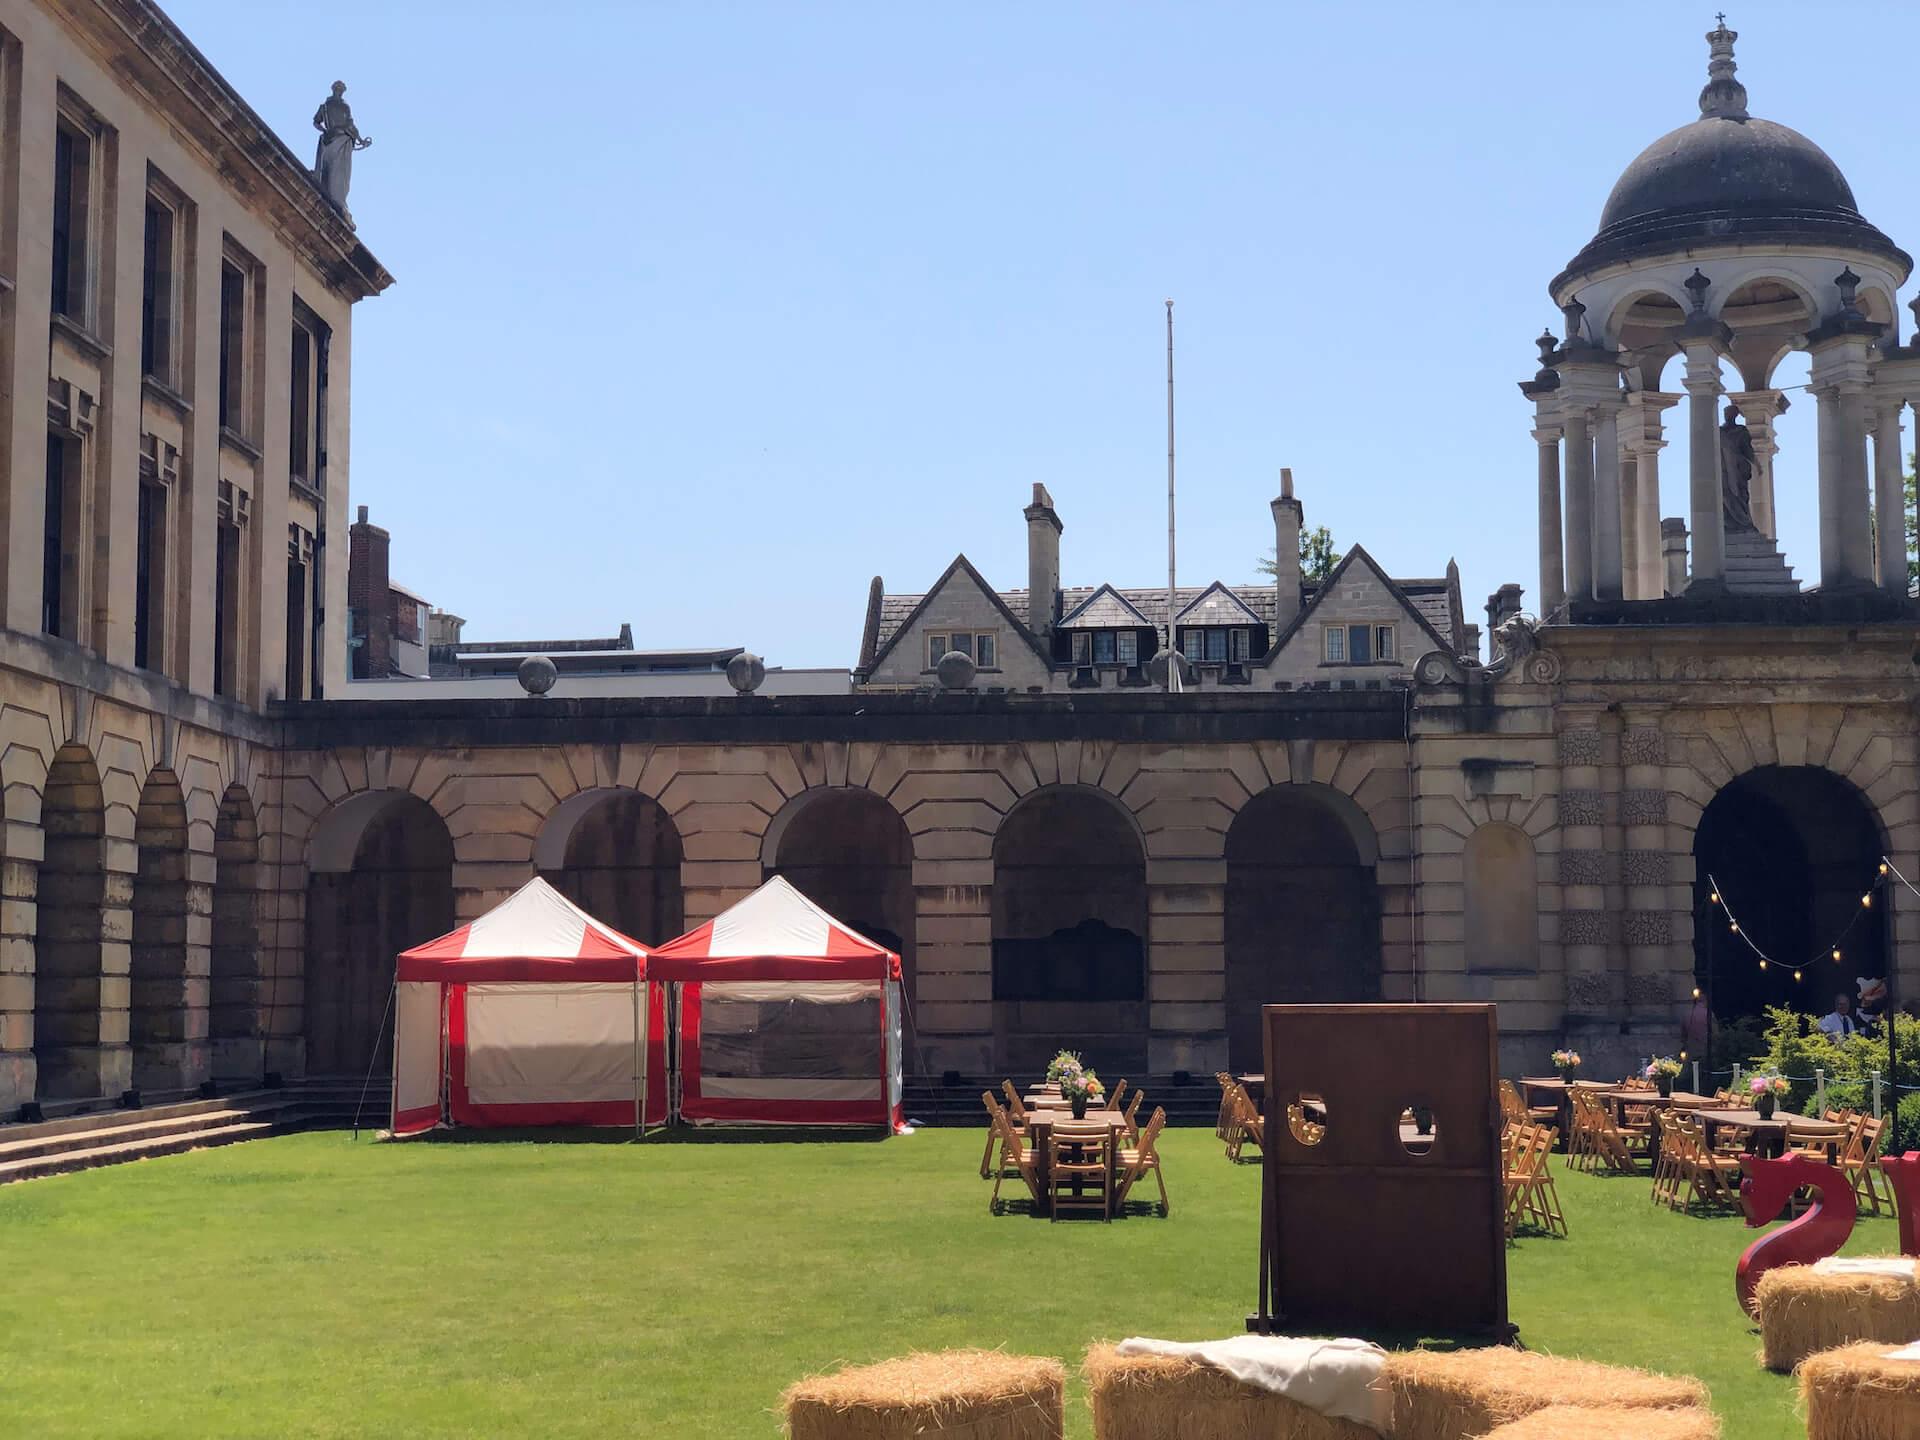 Gazebo hire in Oxford